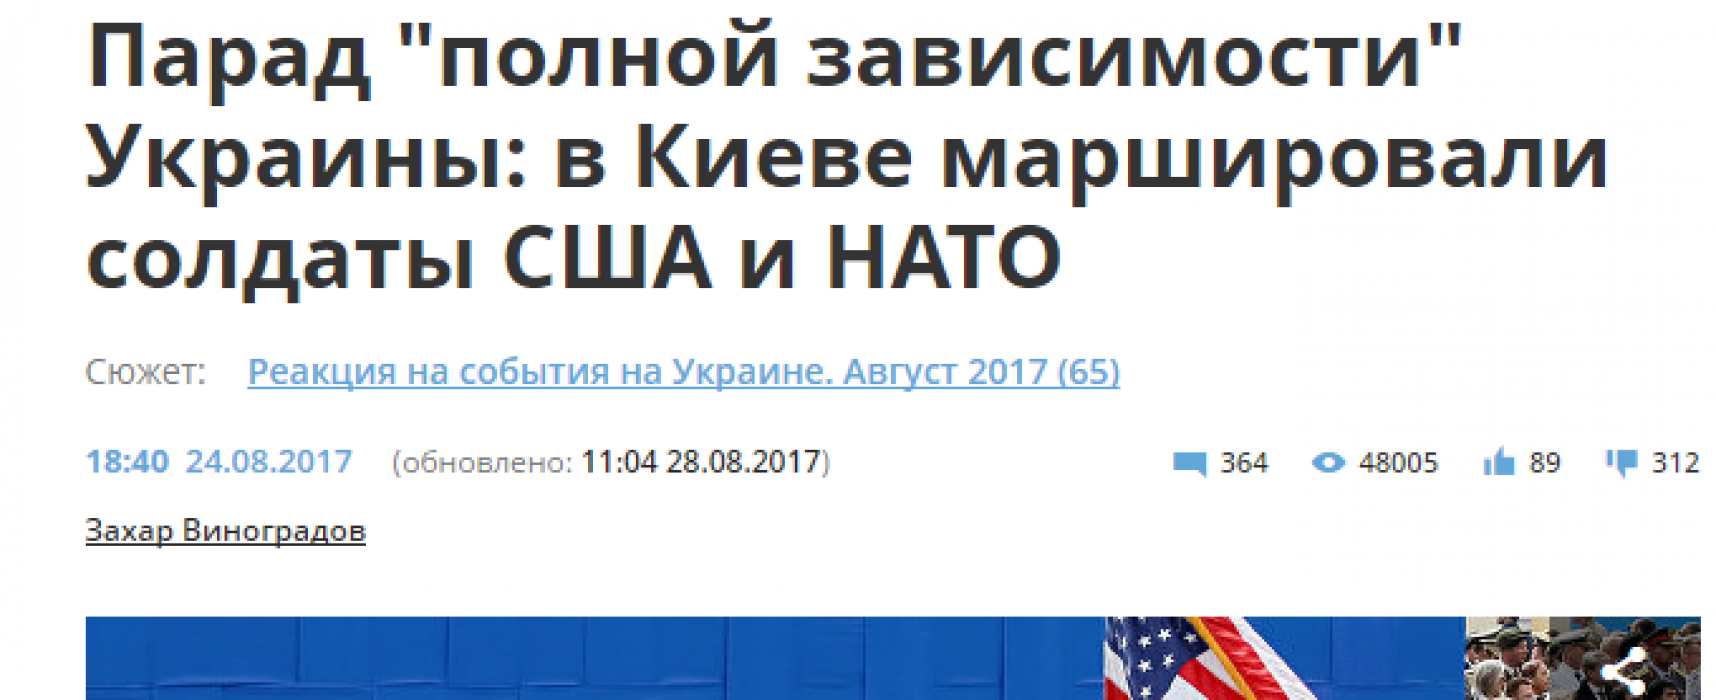 """""""Přehlídka závislosti"""": Jak ruská média reagovala na účast NATO na vojenské přehlídce v Den nezávislosti Ukrajiny"""